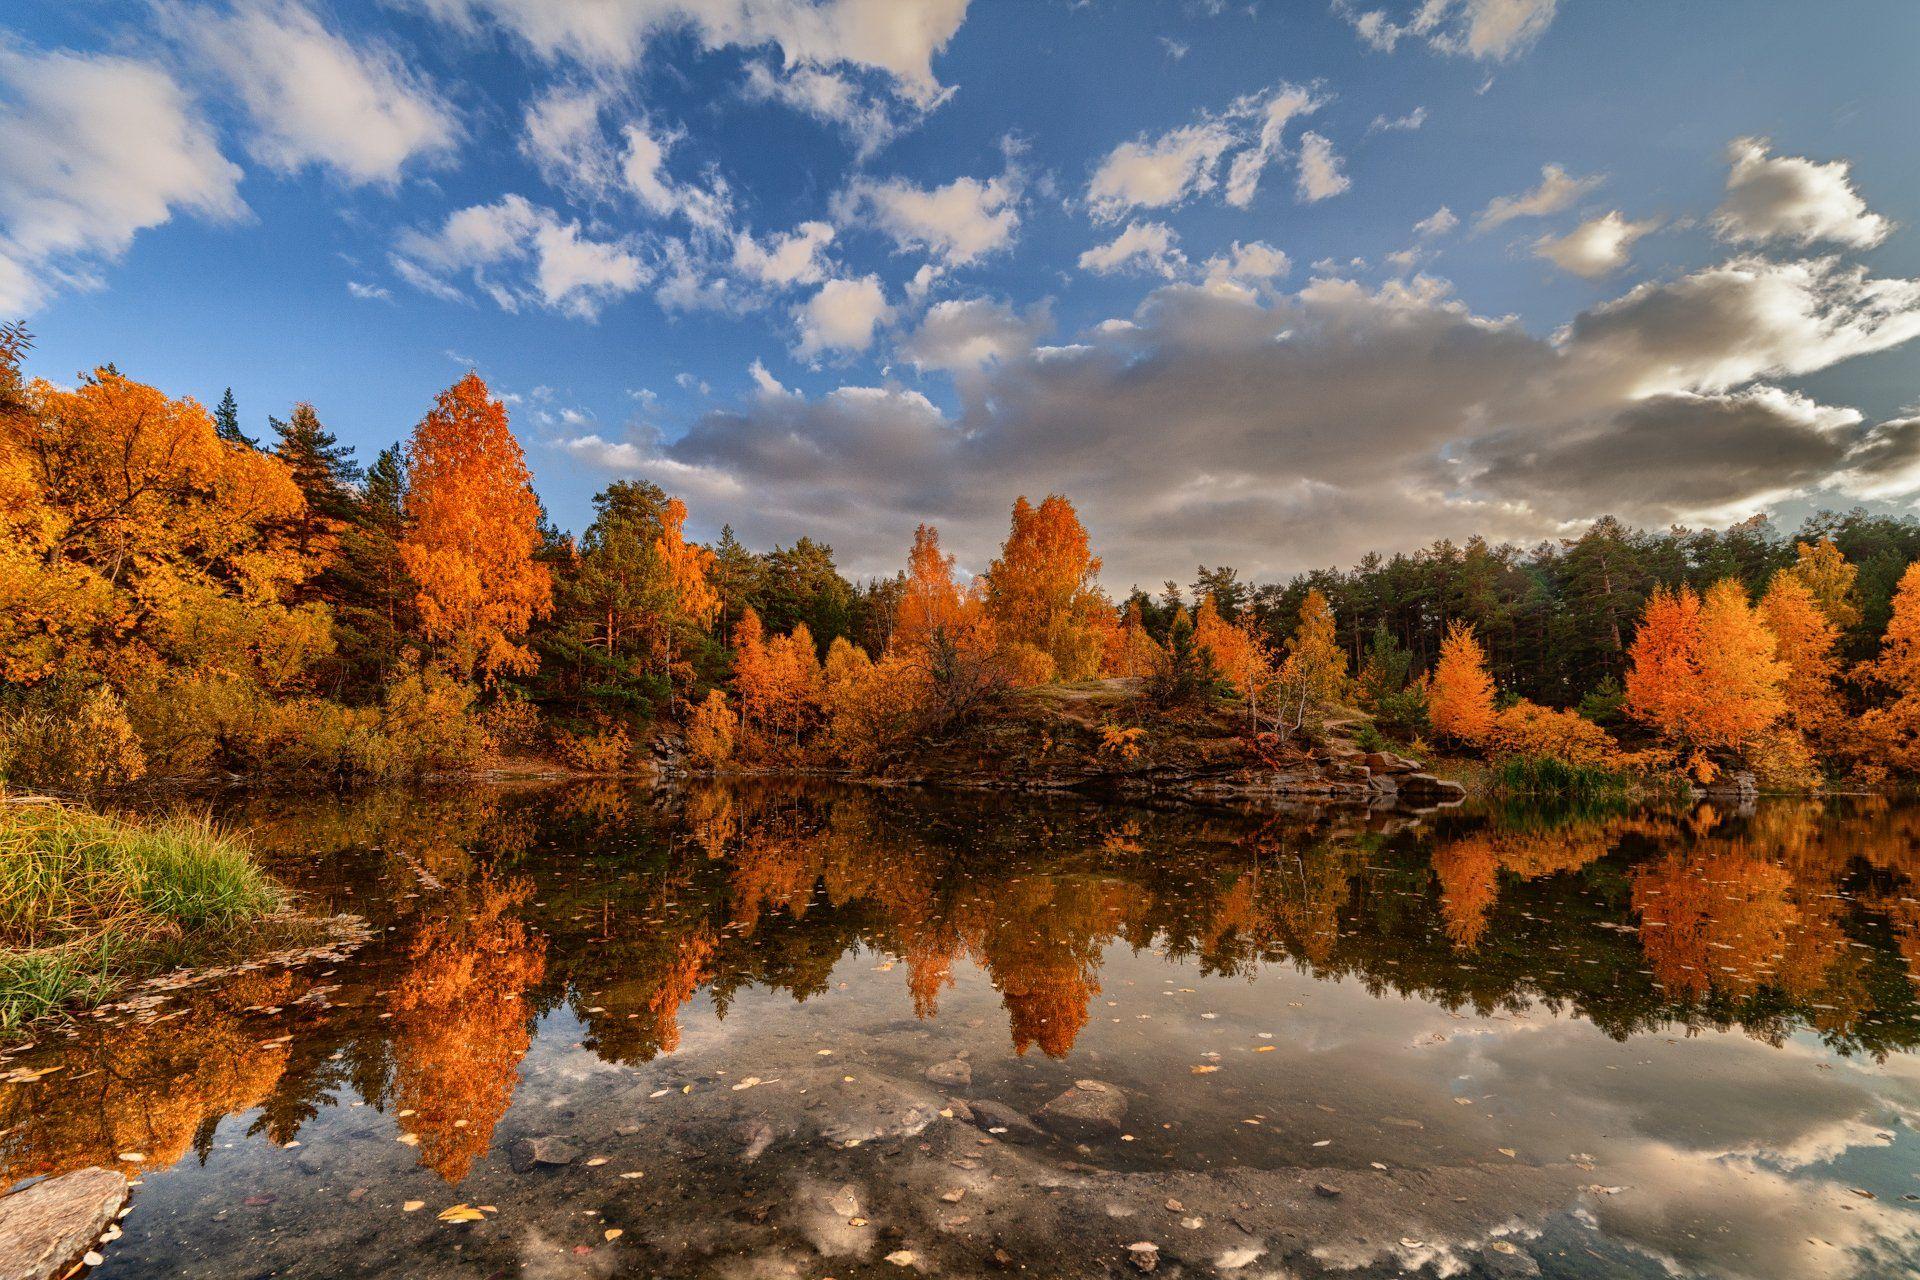 осень, пейзаж, южный урал, челябинск, шершнёвский  бор, Данил Ромодин